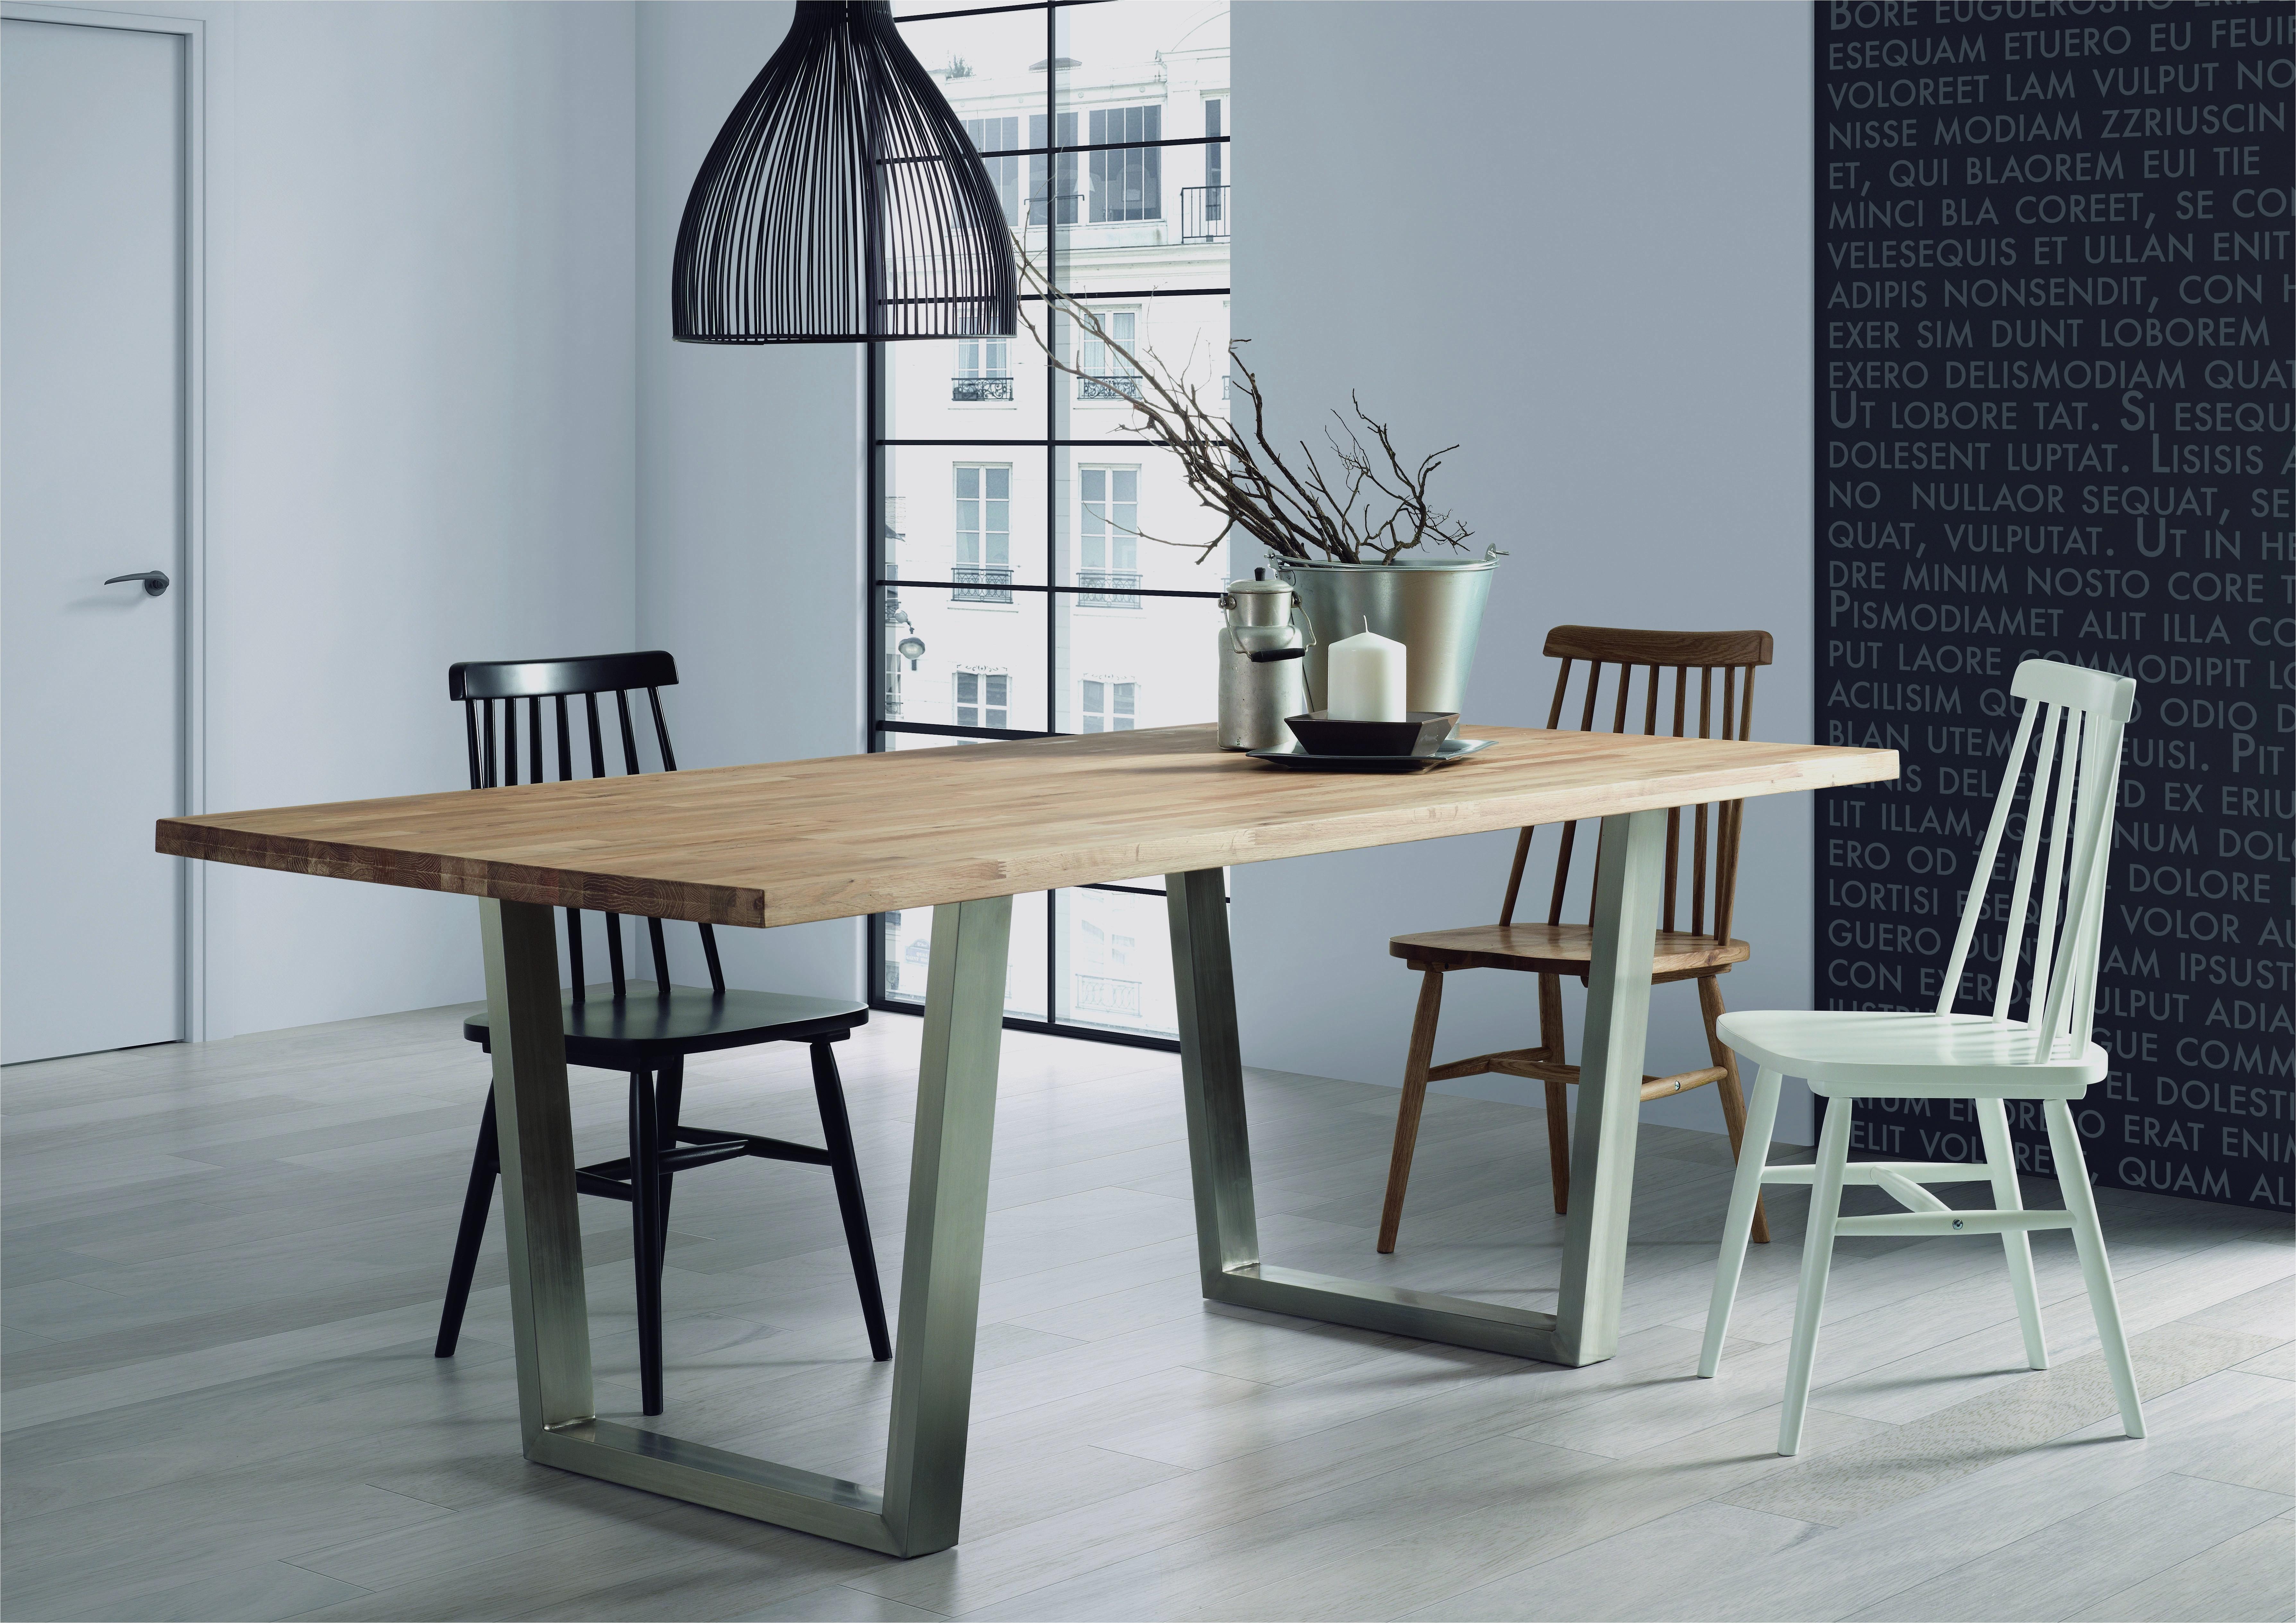 Armoire De Jardin En Bois Ikea Luxe Photos Table Et Chaise Pas Cher Ikea